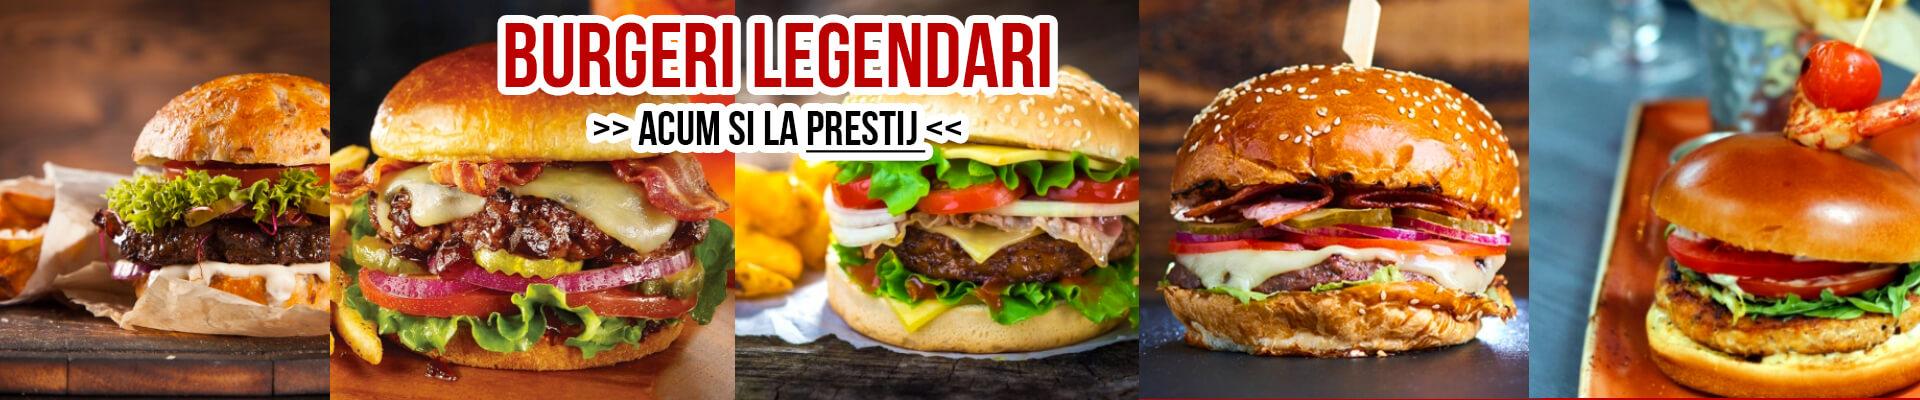 Burgeri Legendari